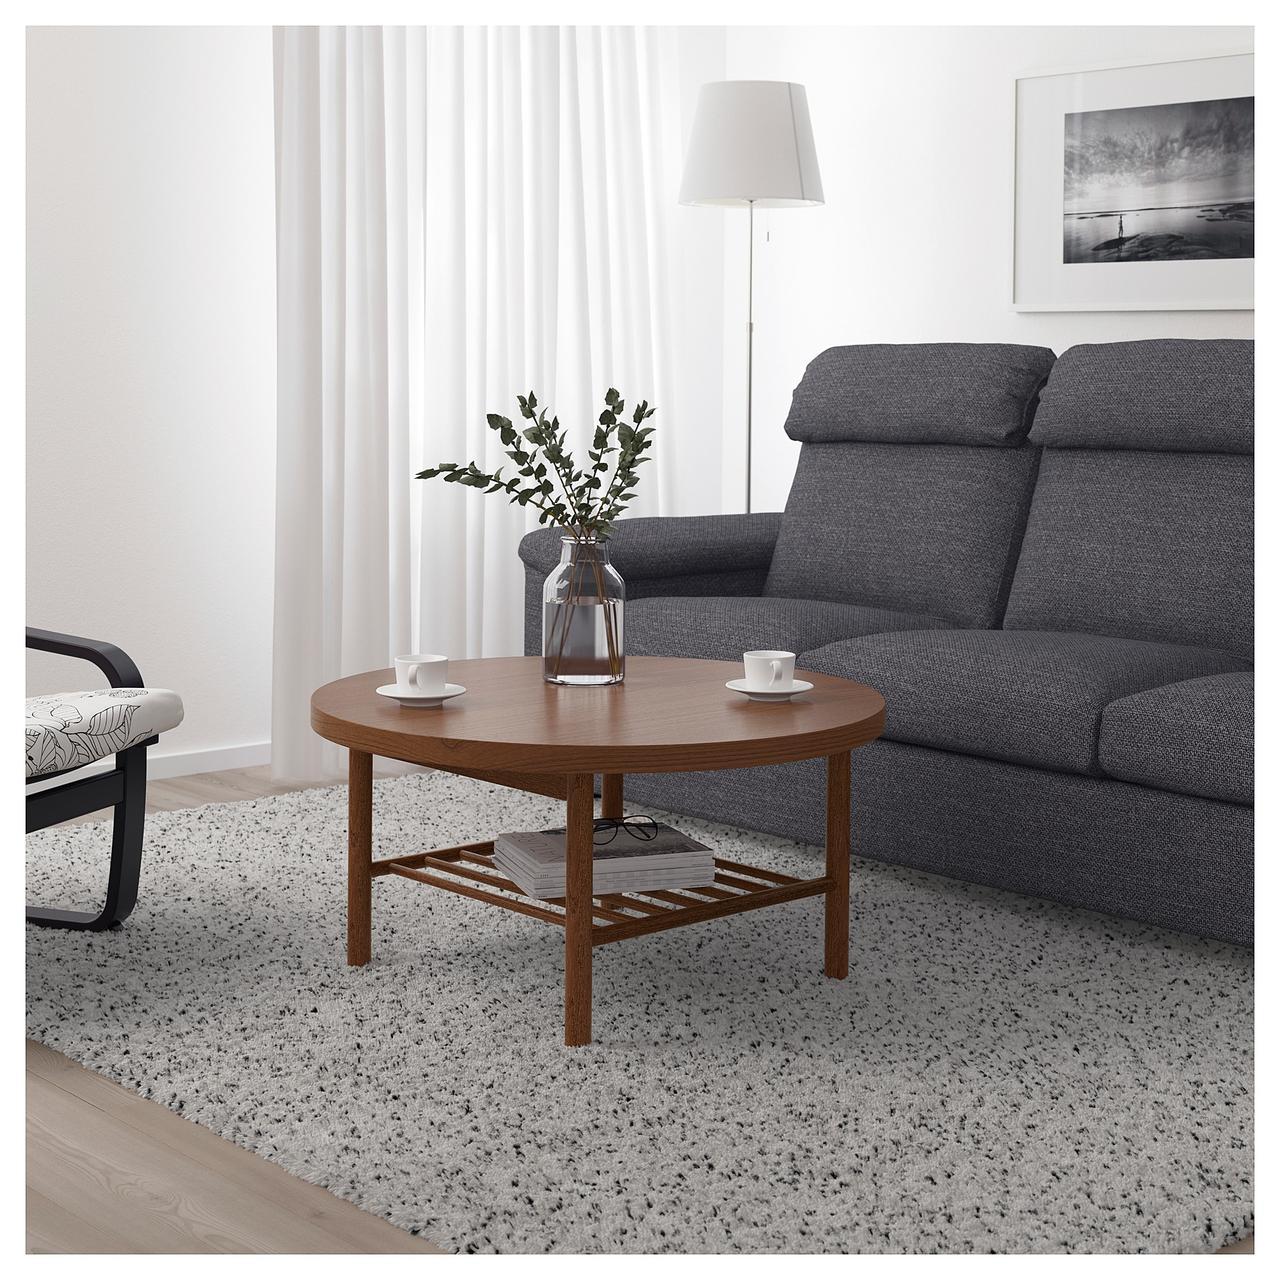 Журнальный столик IKEA LISTERBY 90 см коричневый 303.514.40